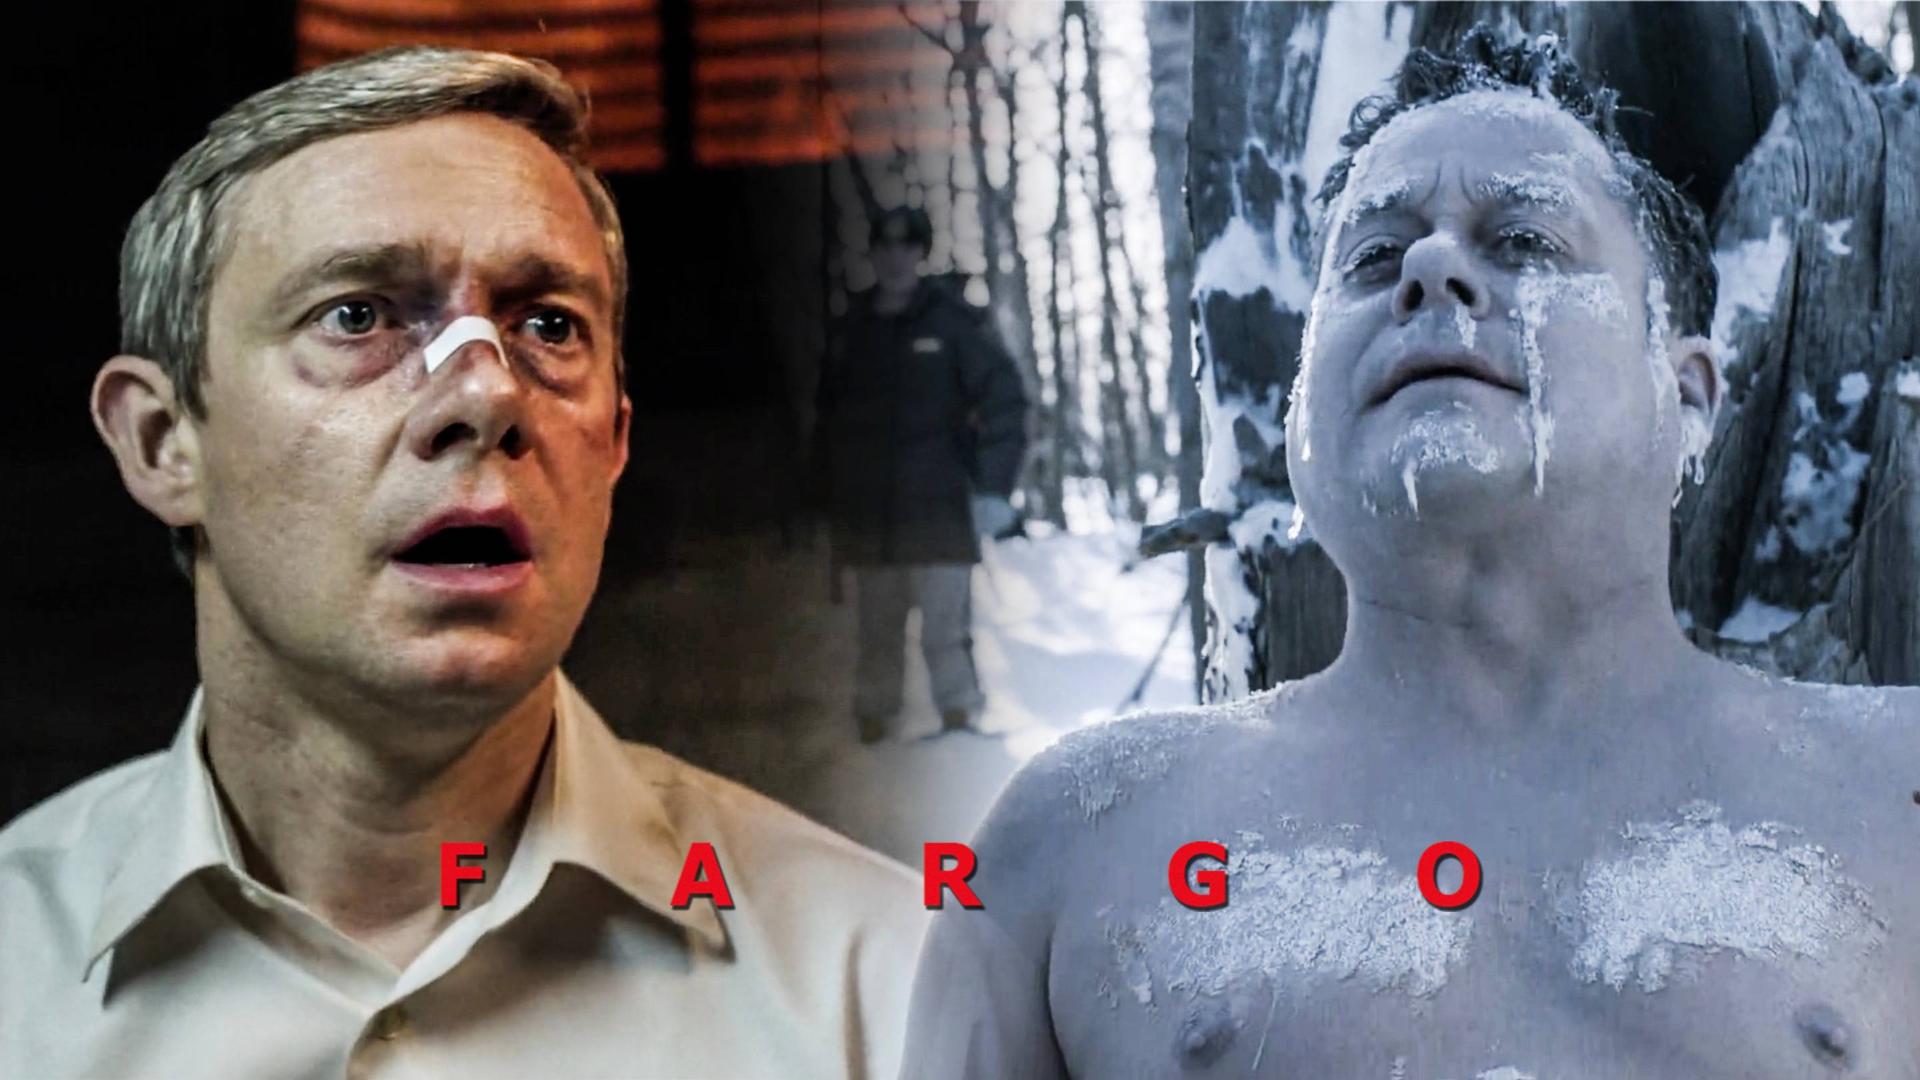 【墨菲】《冰血暴》第一季1期:Acer的致命回击——践踏尊严者,死